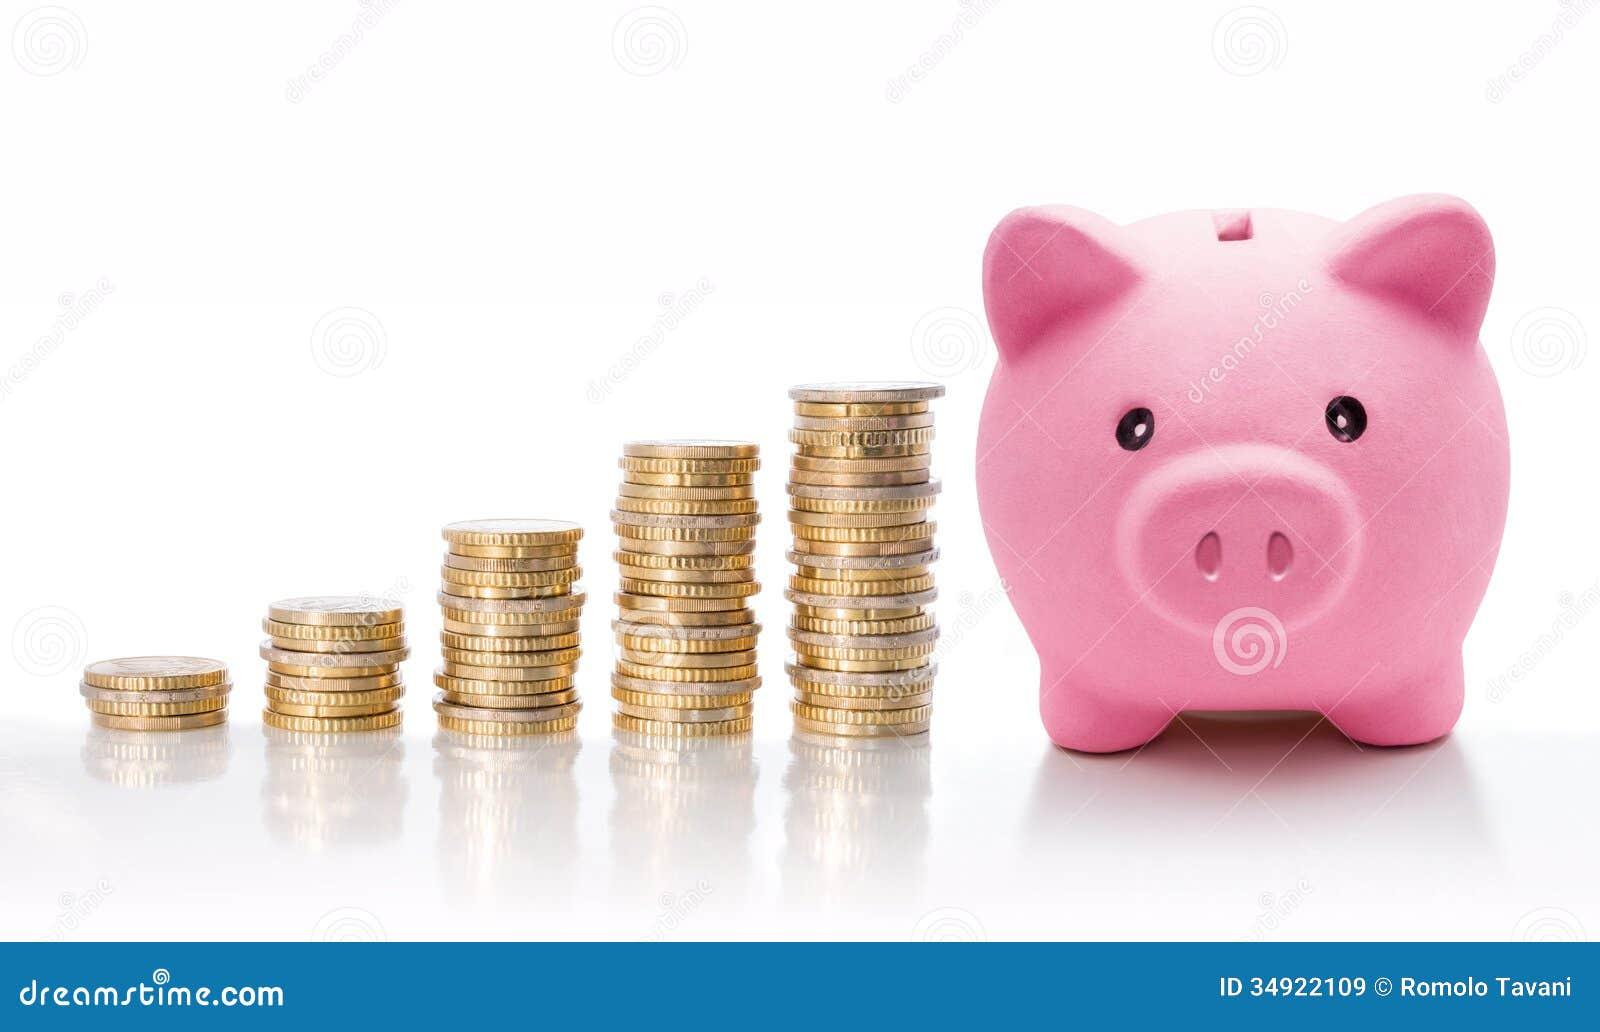 Sparschwein mit Euromünzenstapeln - Konzept der Zunahme